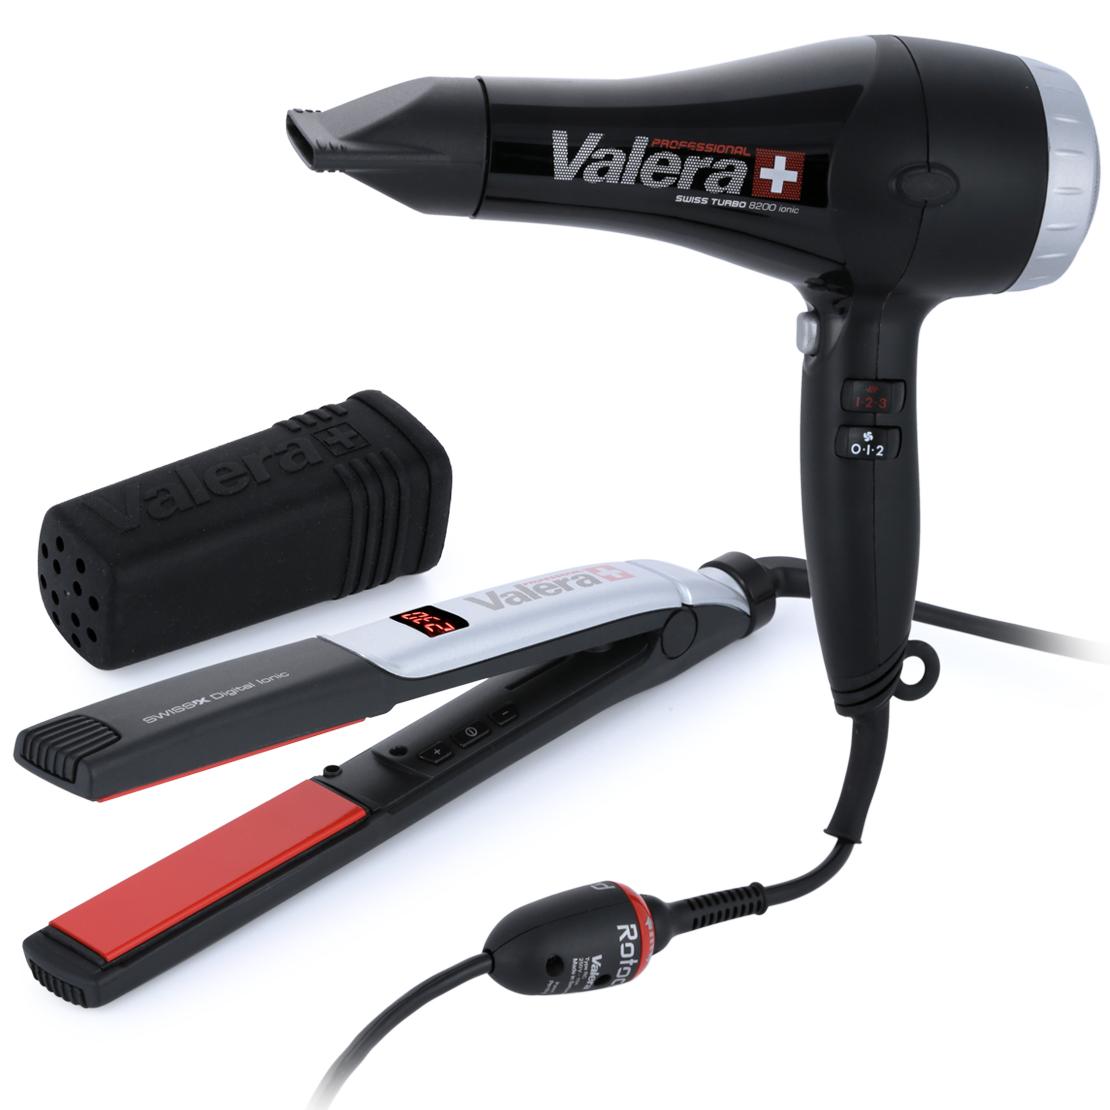 Professional Hair Dryer & Straightener